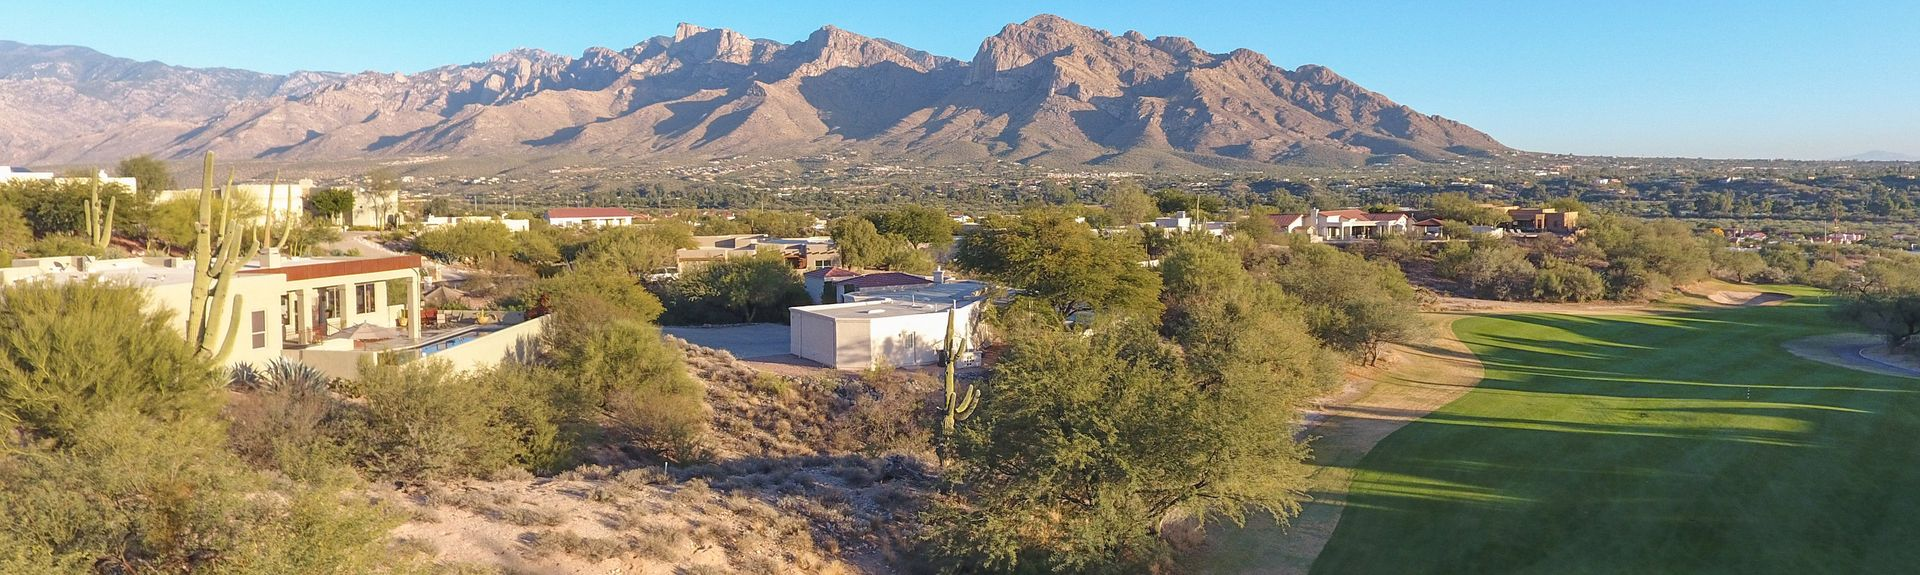 Agua Caliente Park, Tucson, Arizona, États-Unis d'Amérique